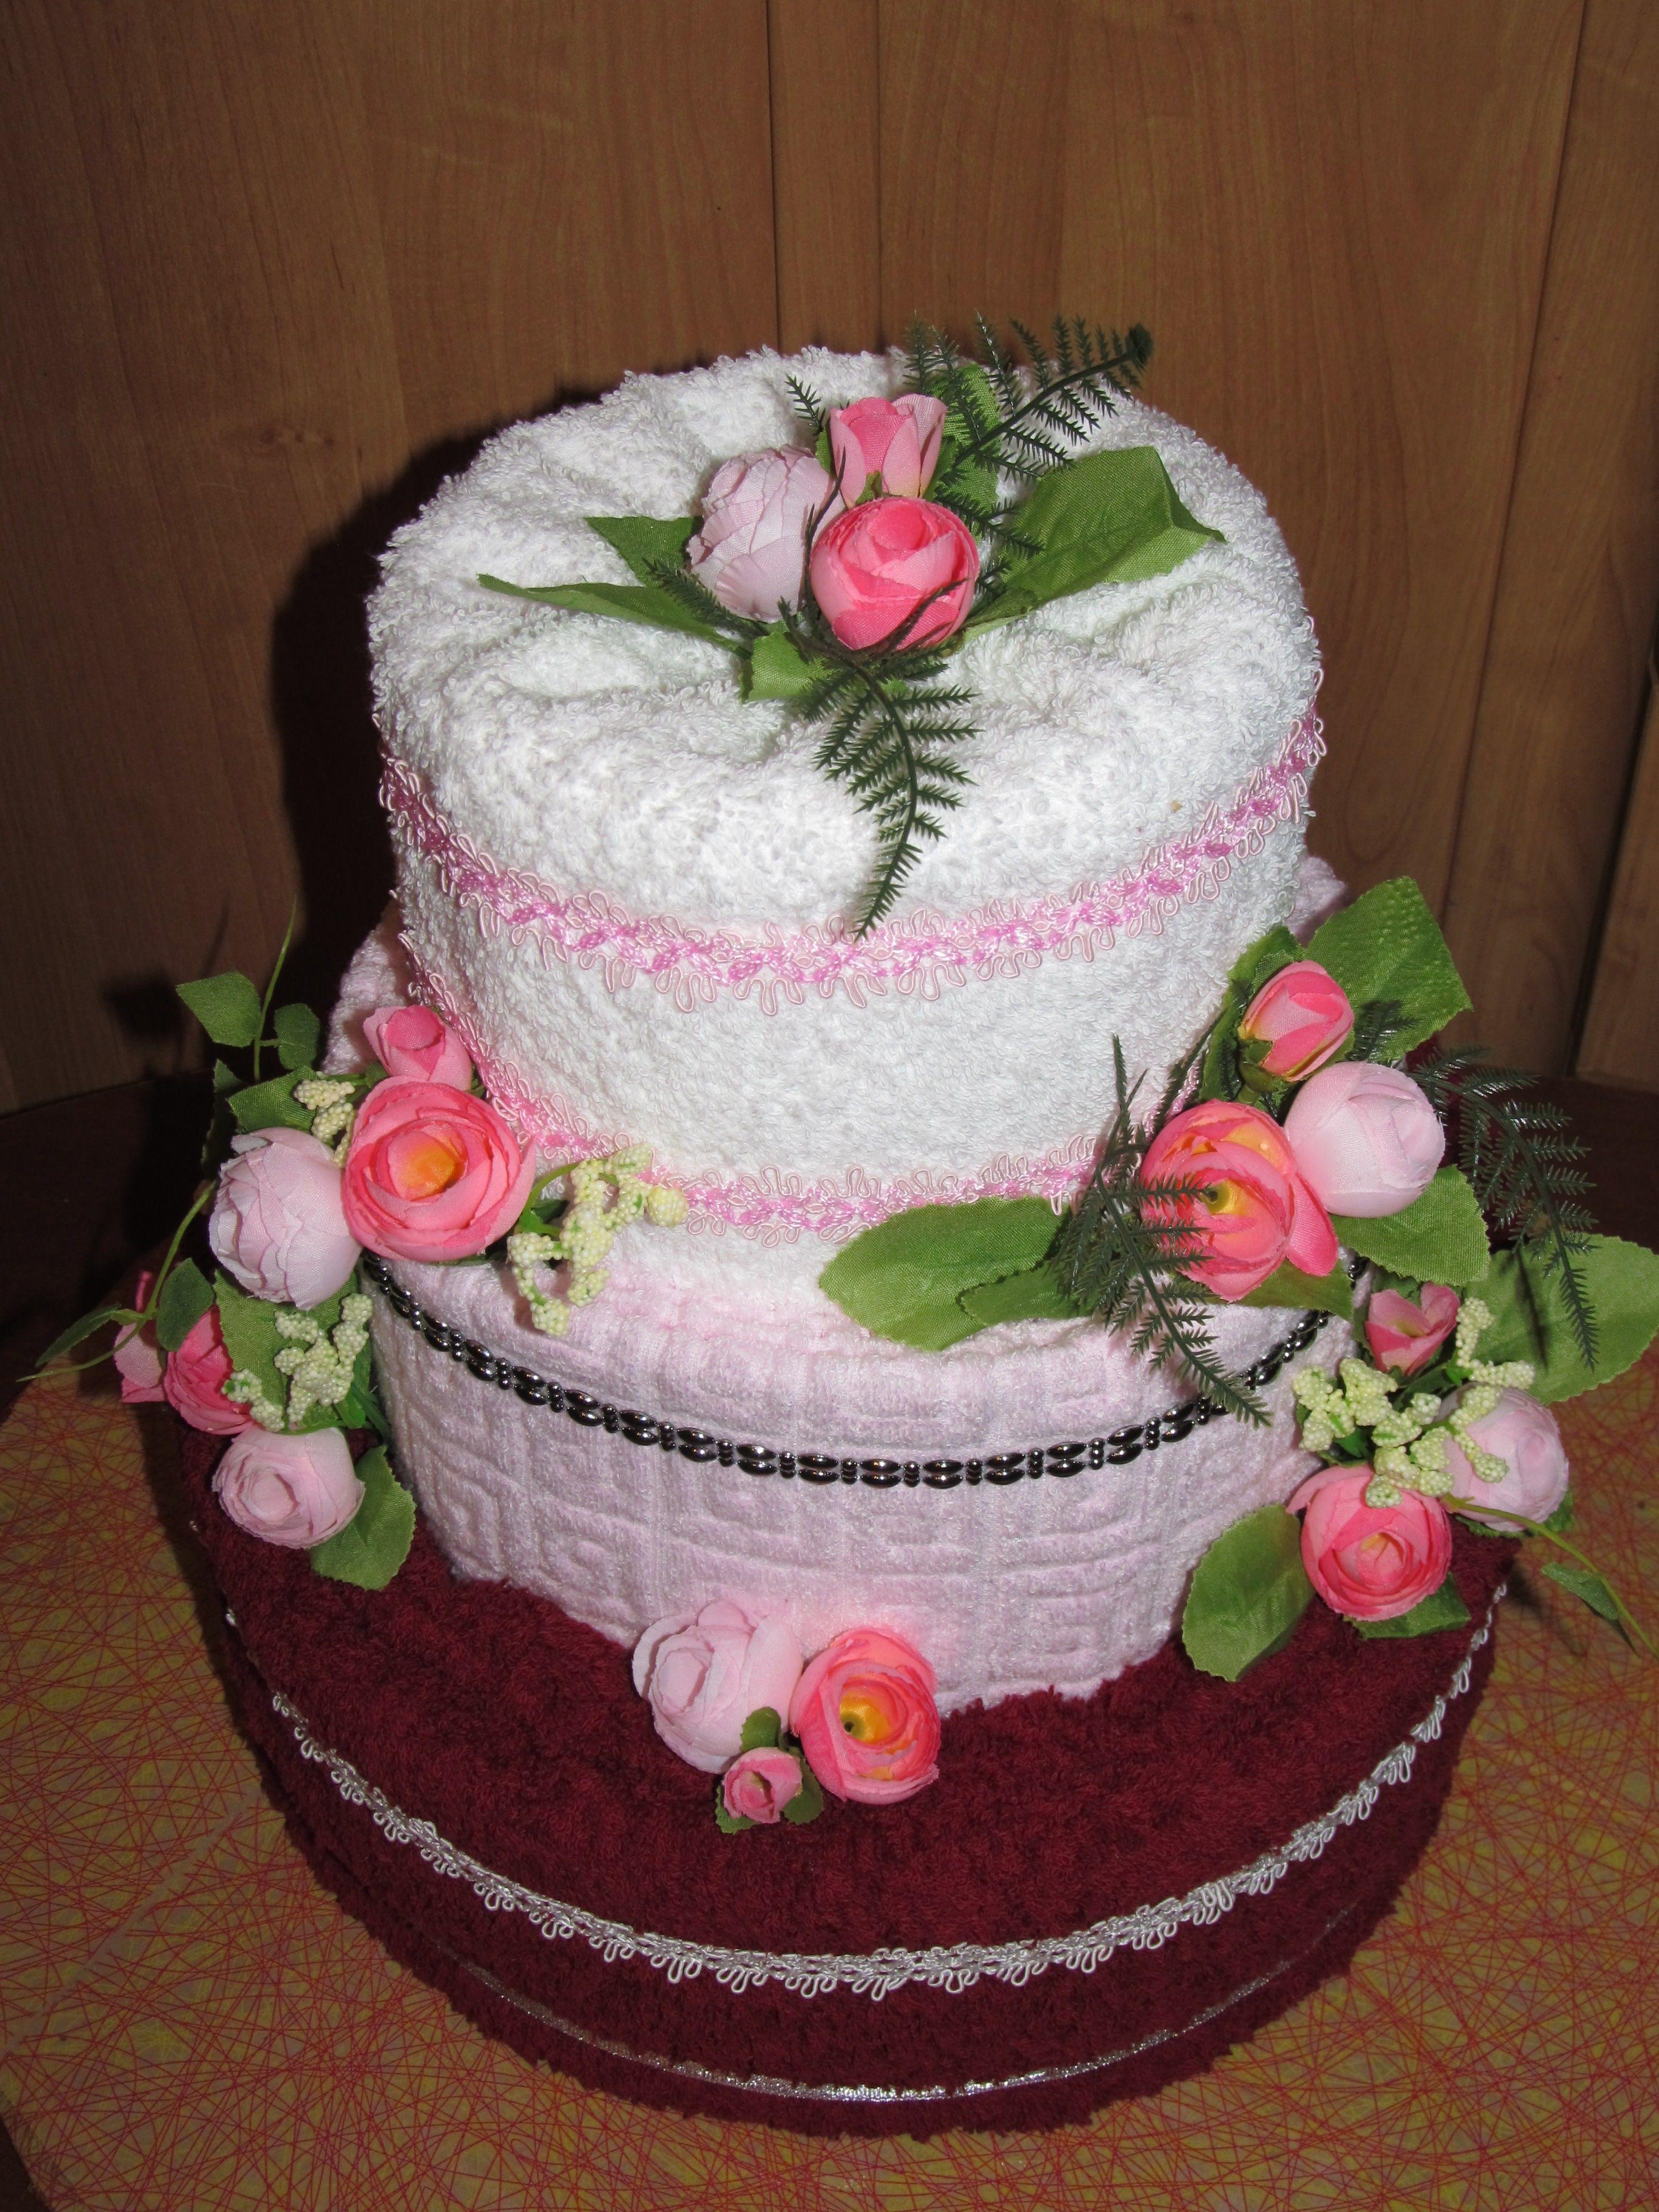 надеемся, поздравление к торту из полотенец бросается глаза, что